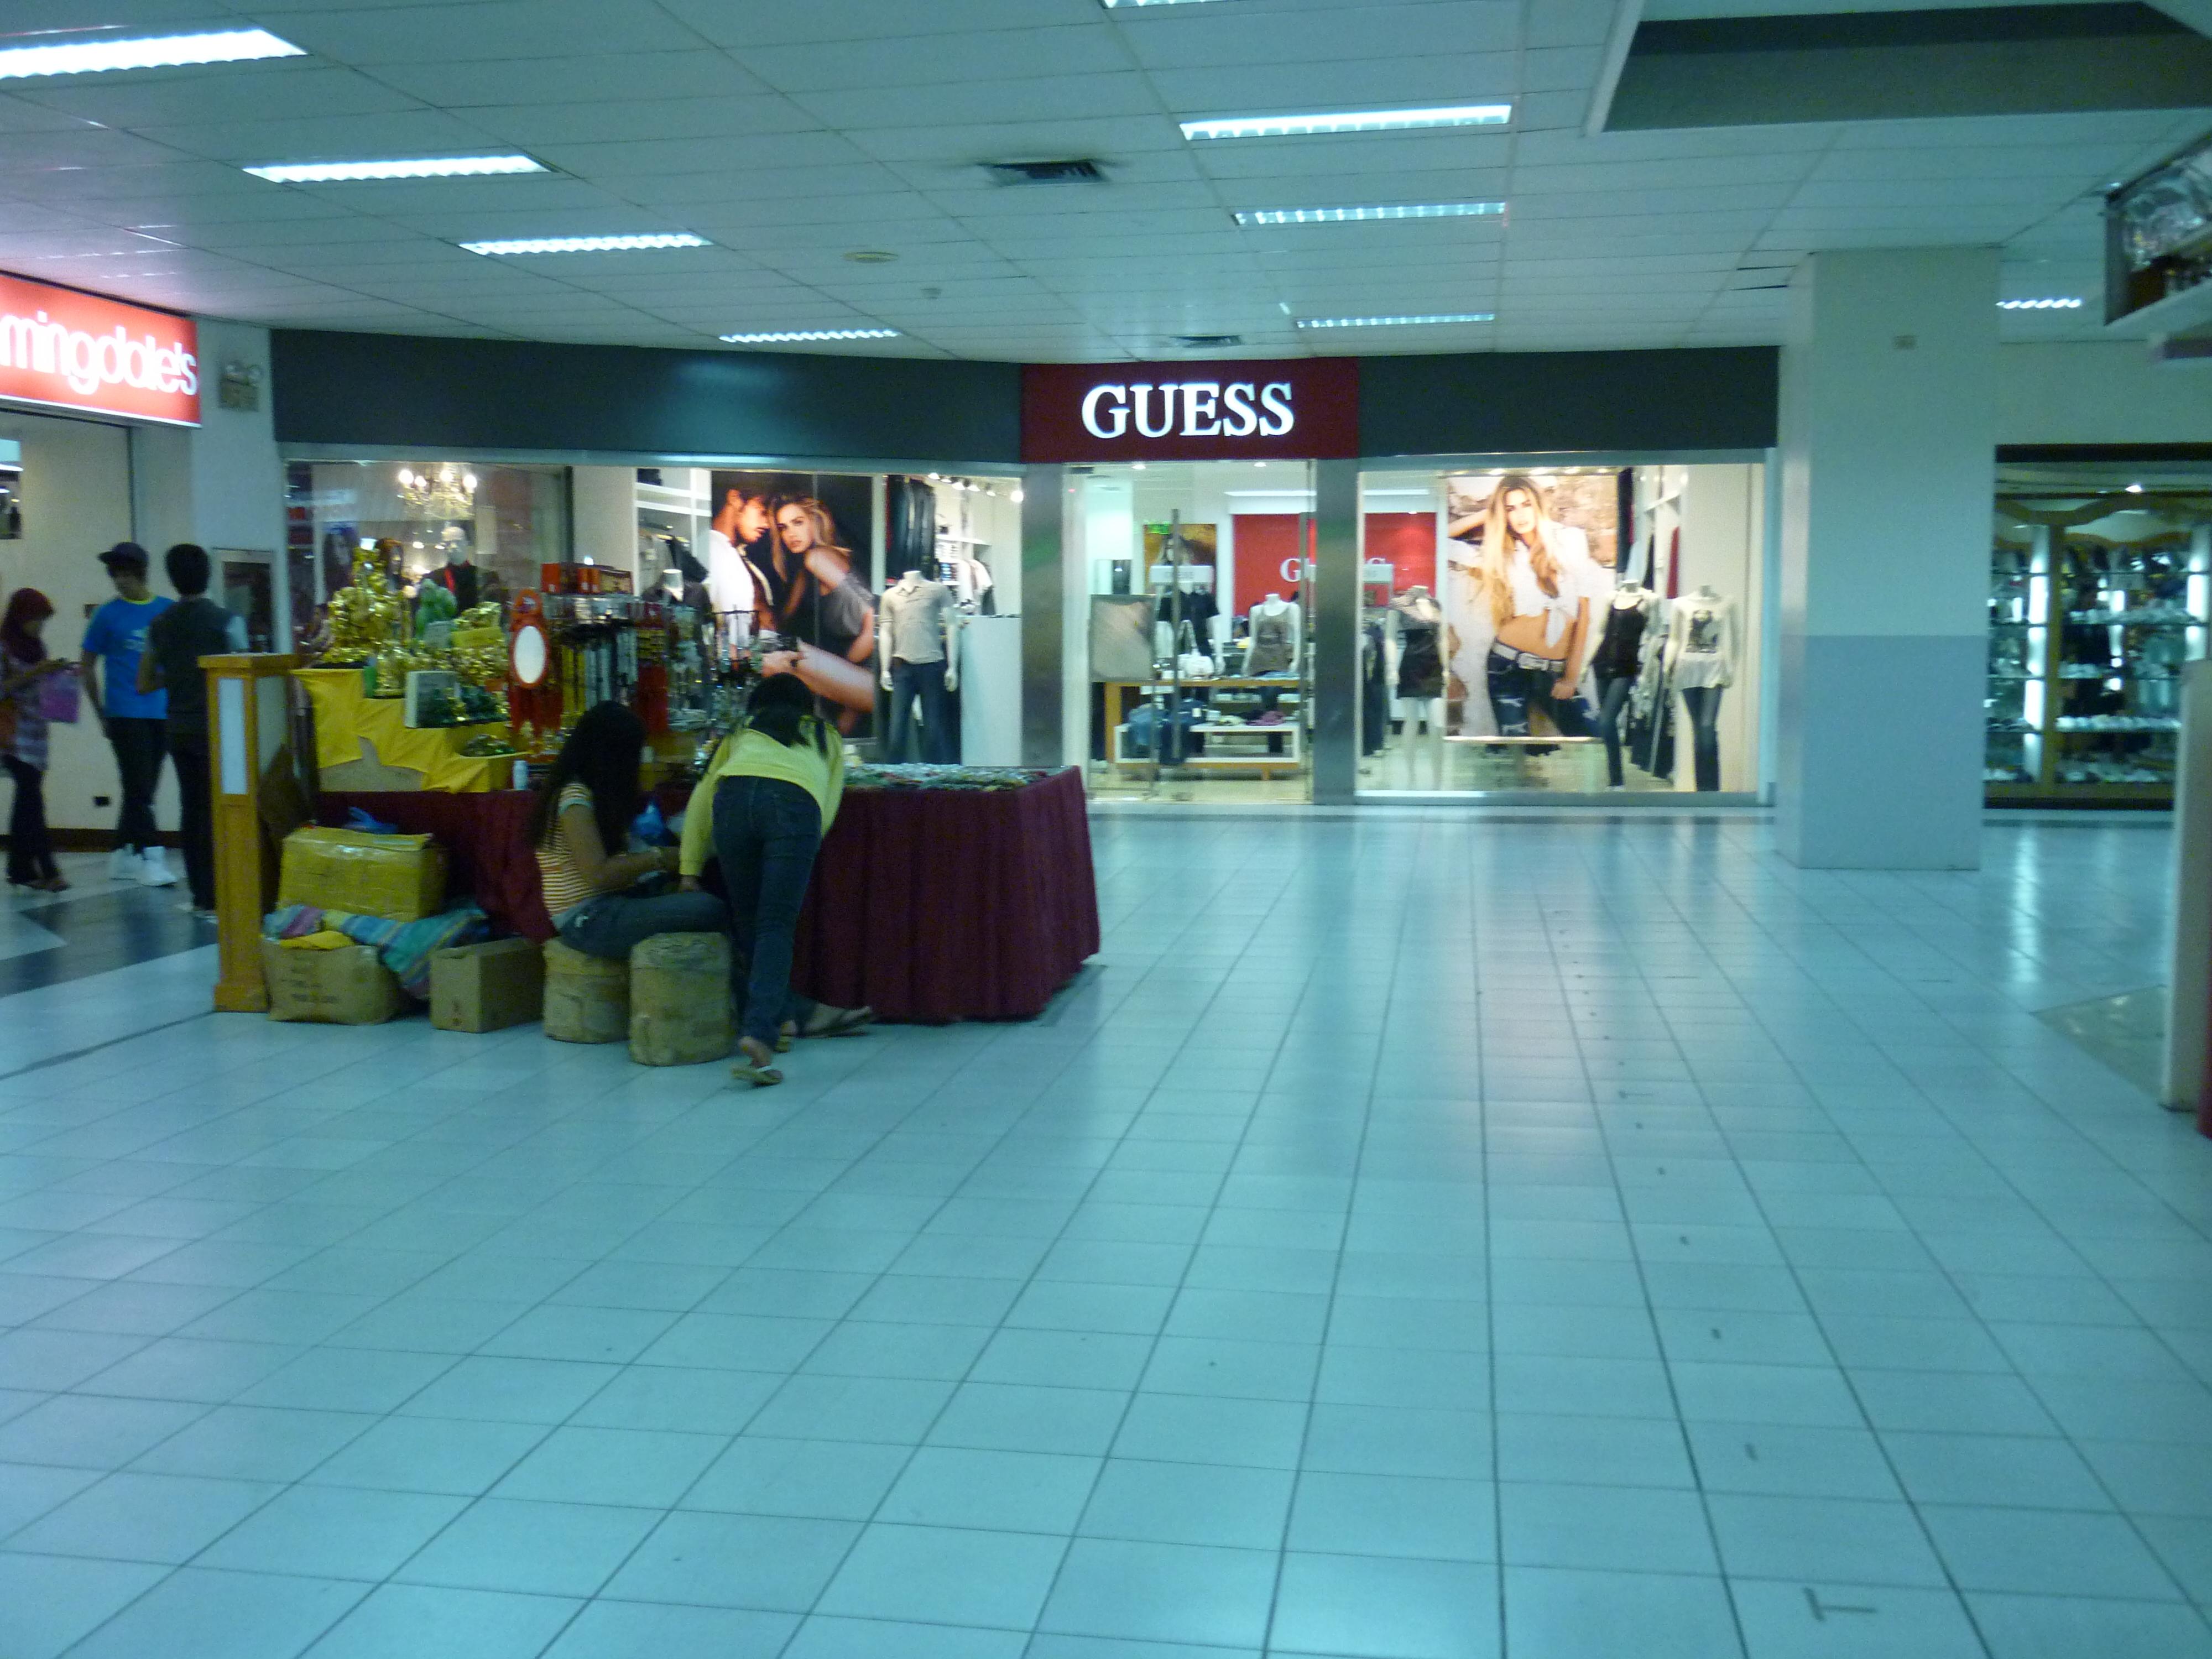 File:Mindpro Citimall Guess Shop.JPG - Wikimedia Commons